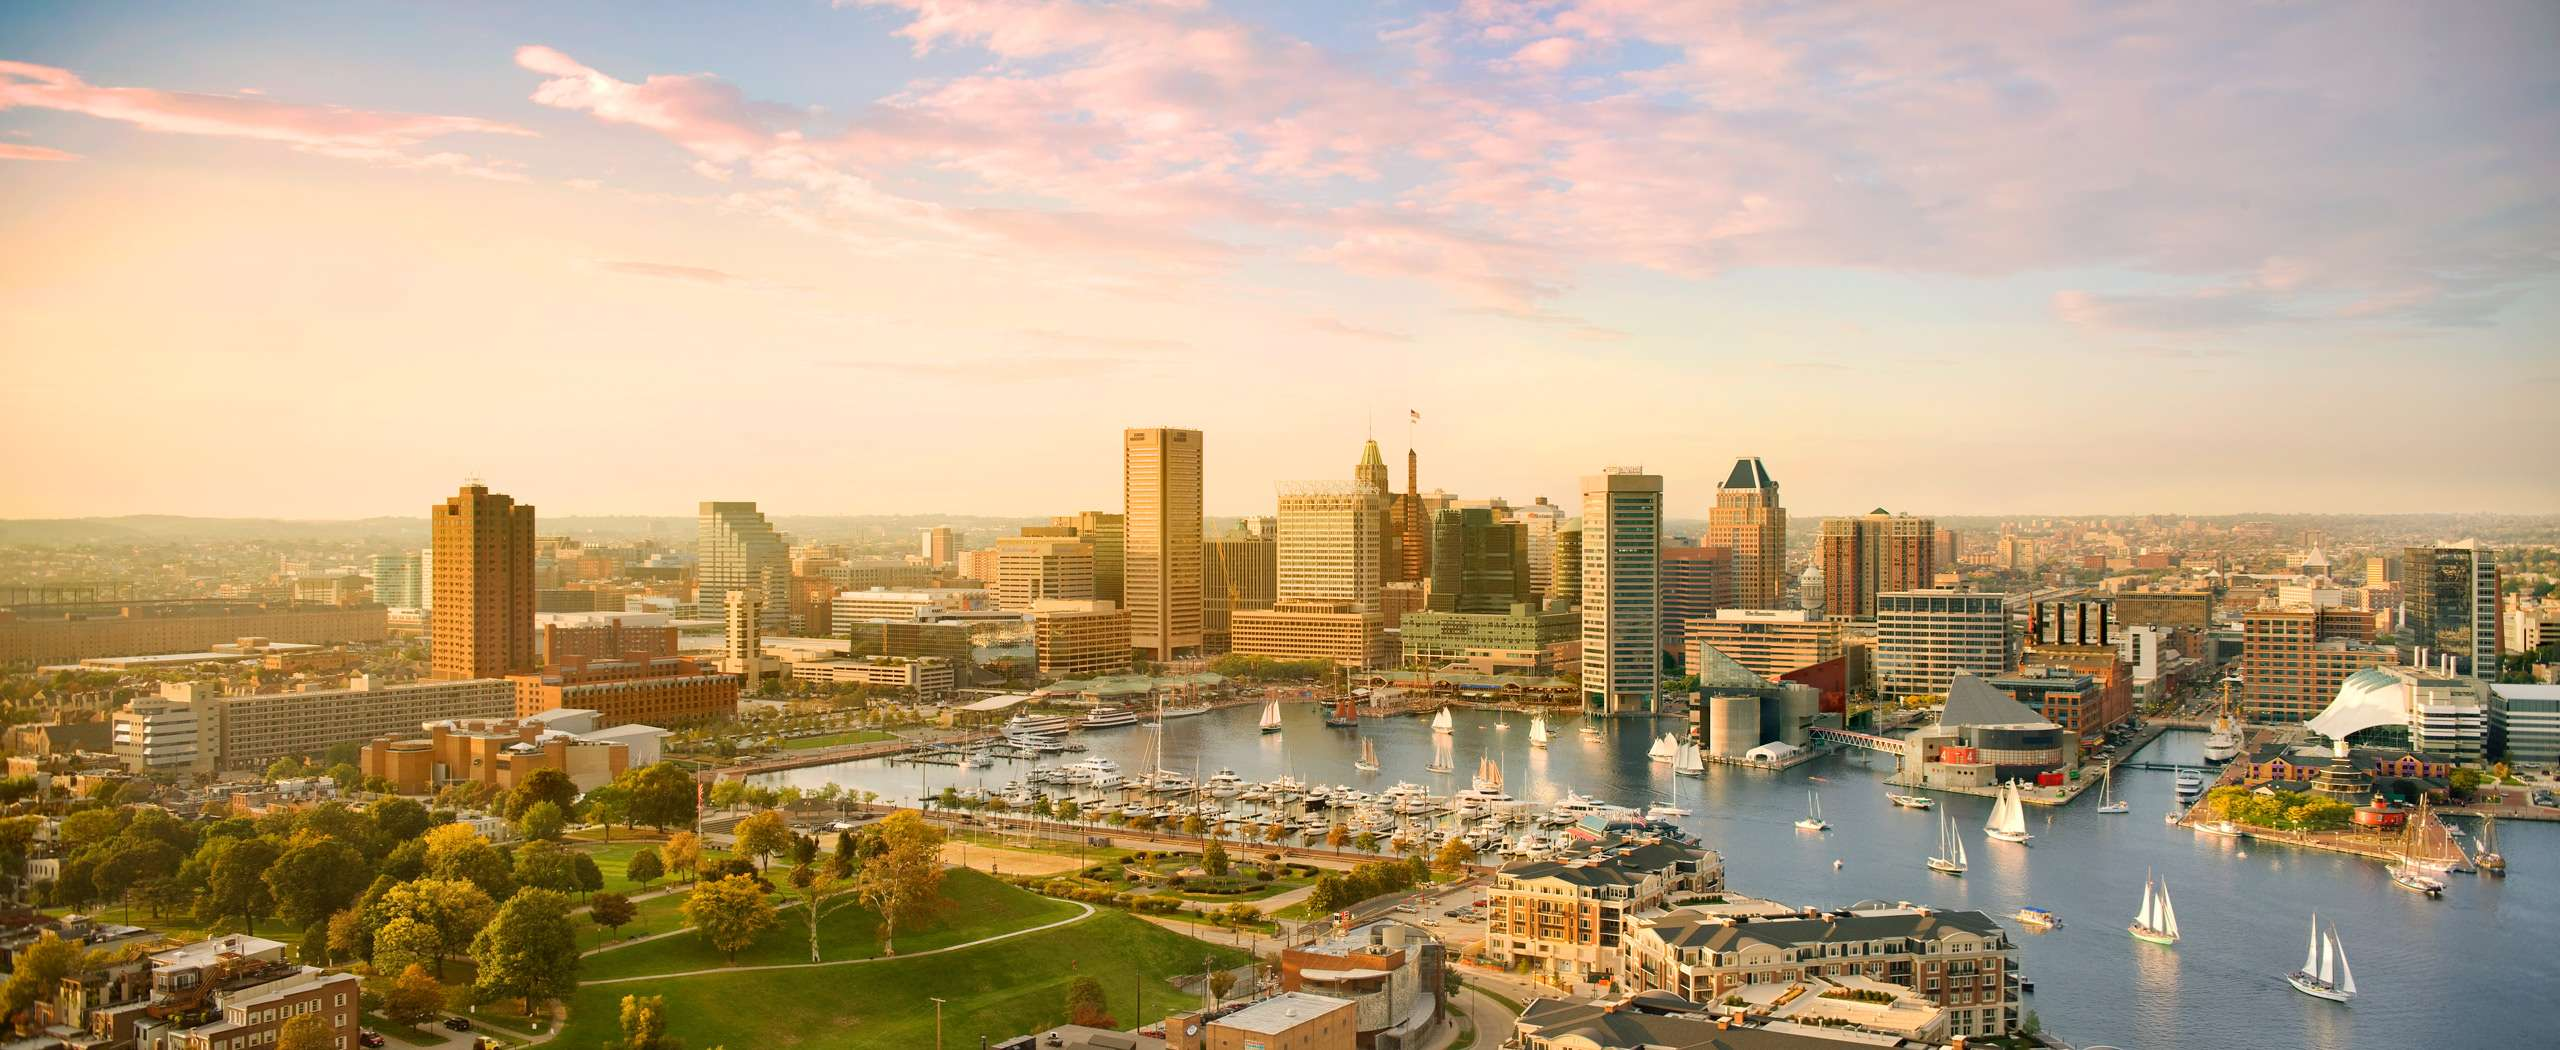 PORTFOLIO - Baltimore Skylines  #12  PCG366